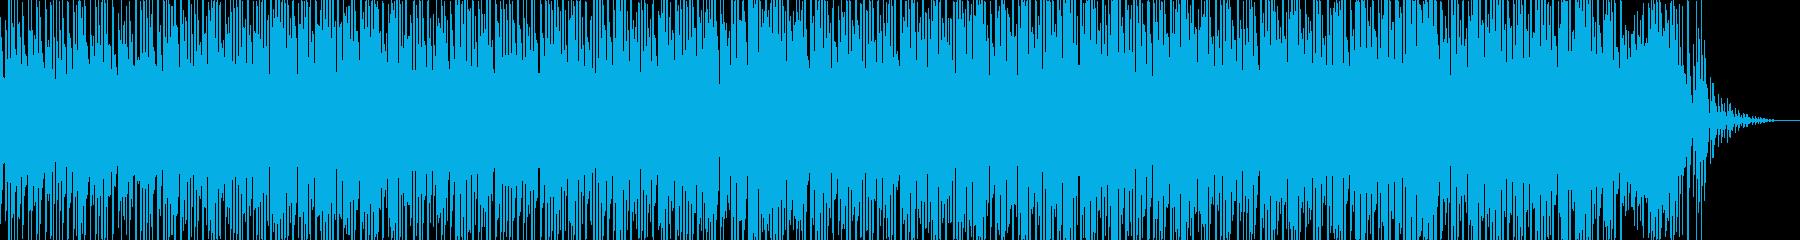 緊迫・回想・推理シーン向けアンビエントの再生済みの波形